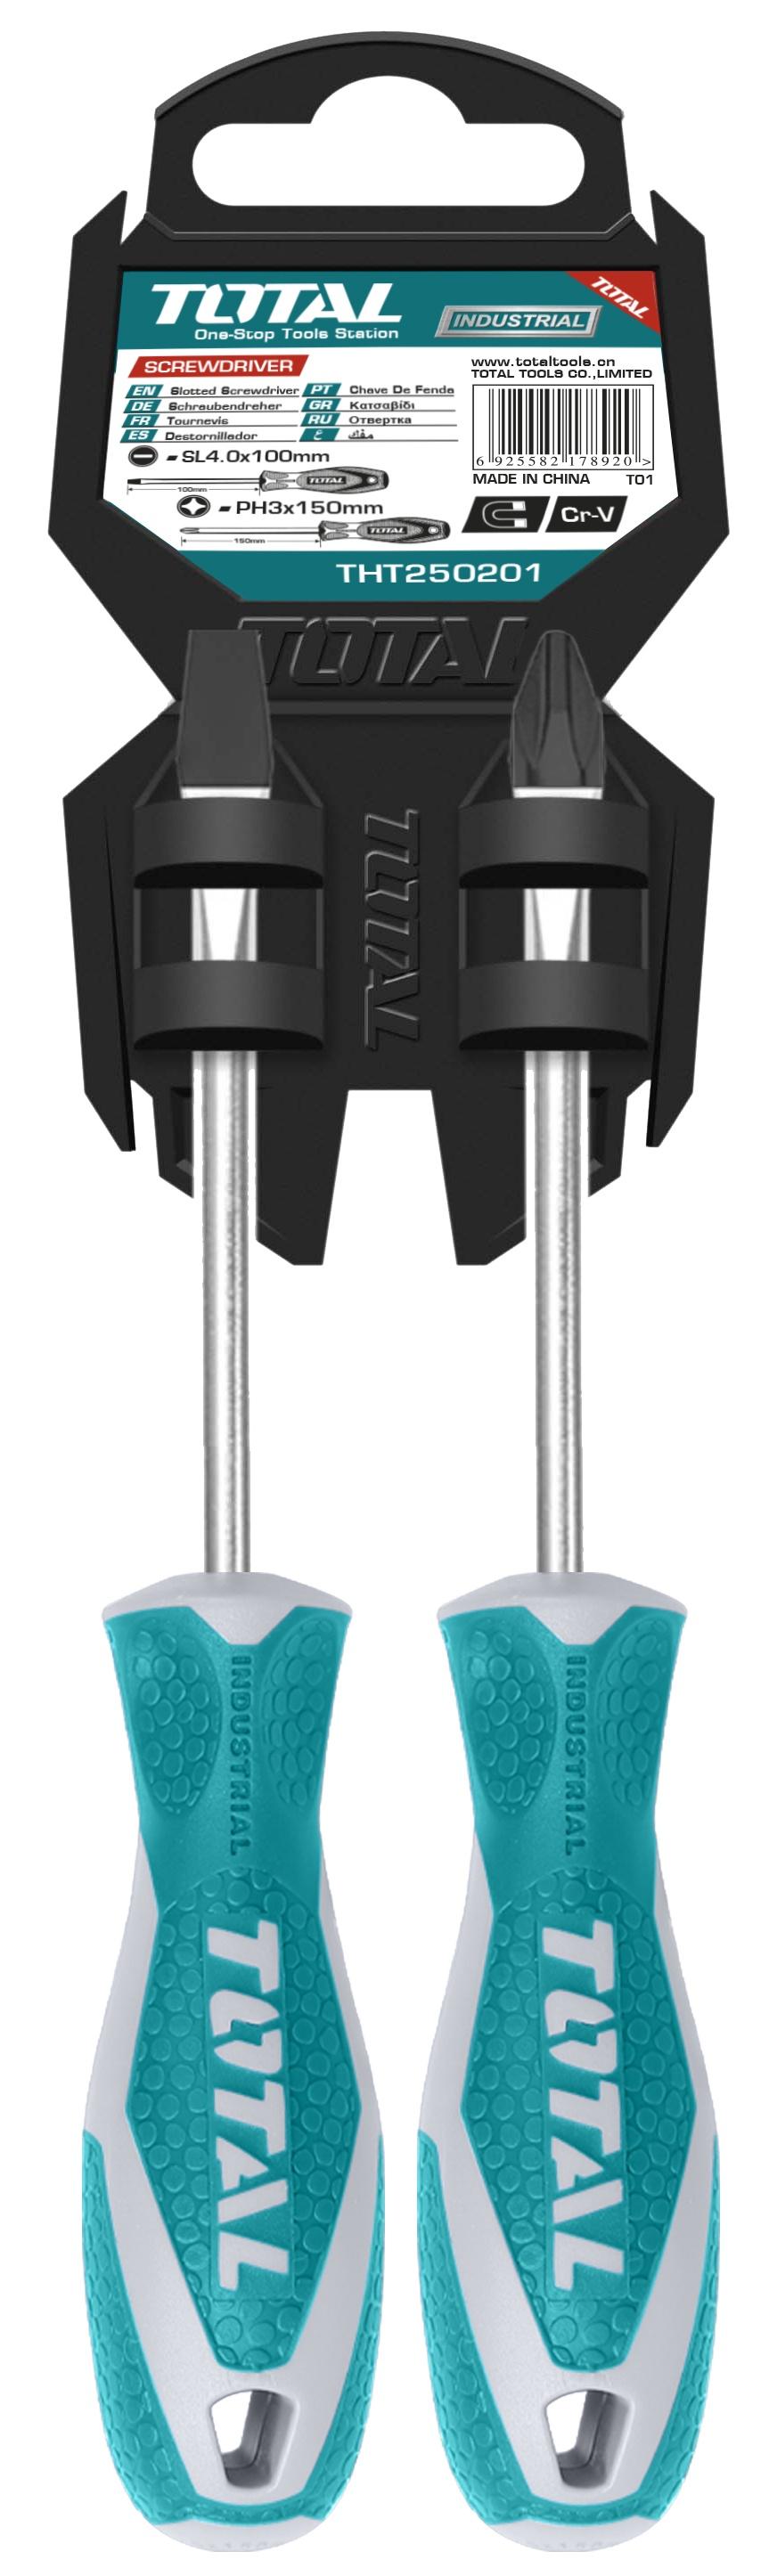 Набор отверток Total THT250201 шлицевая и крестовая 2 шт.